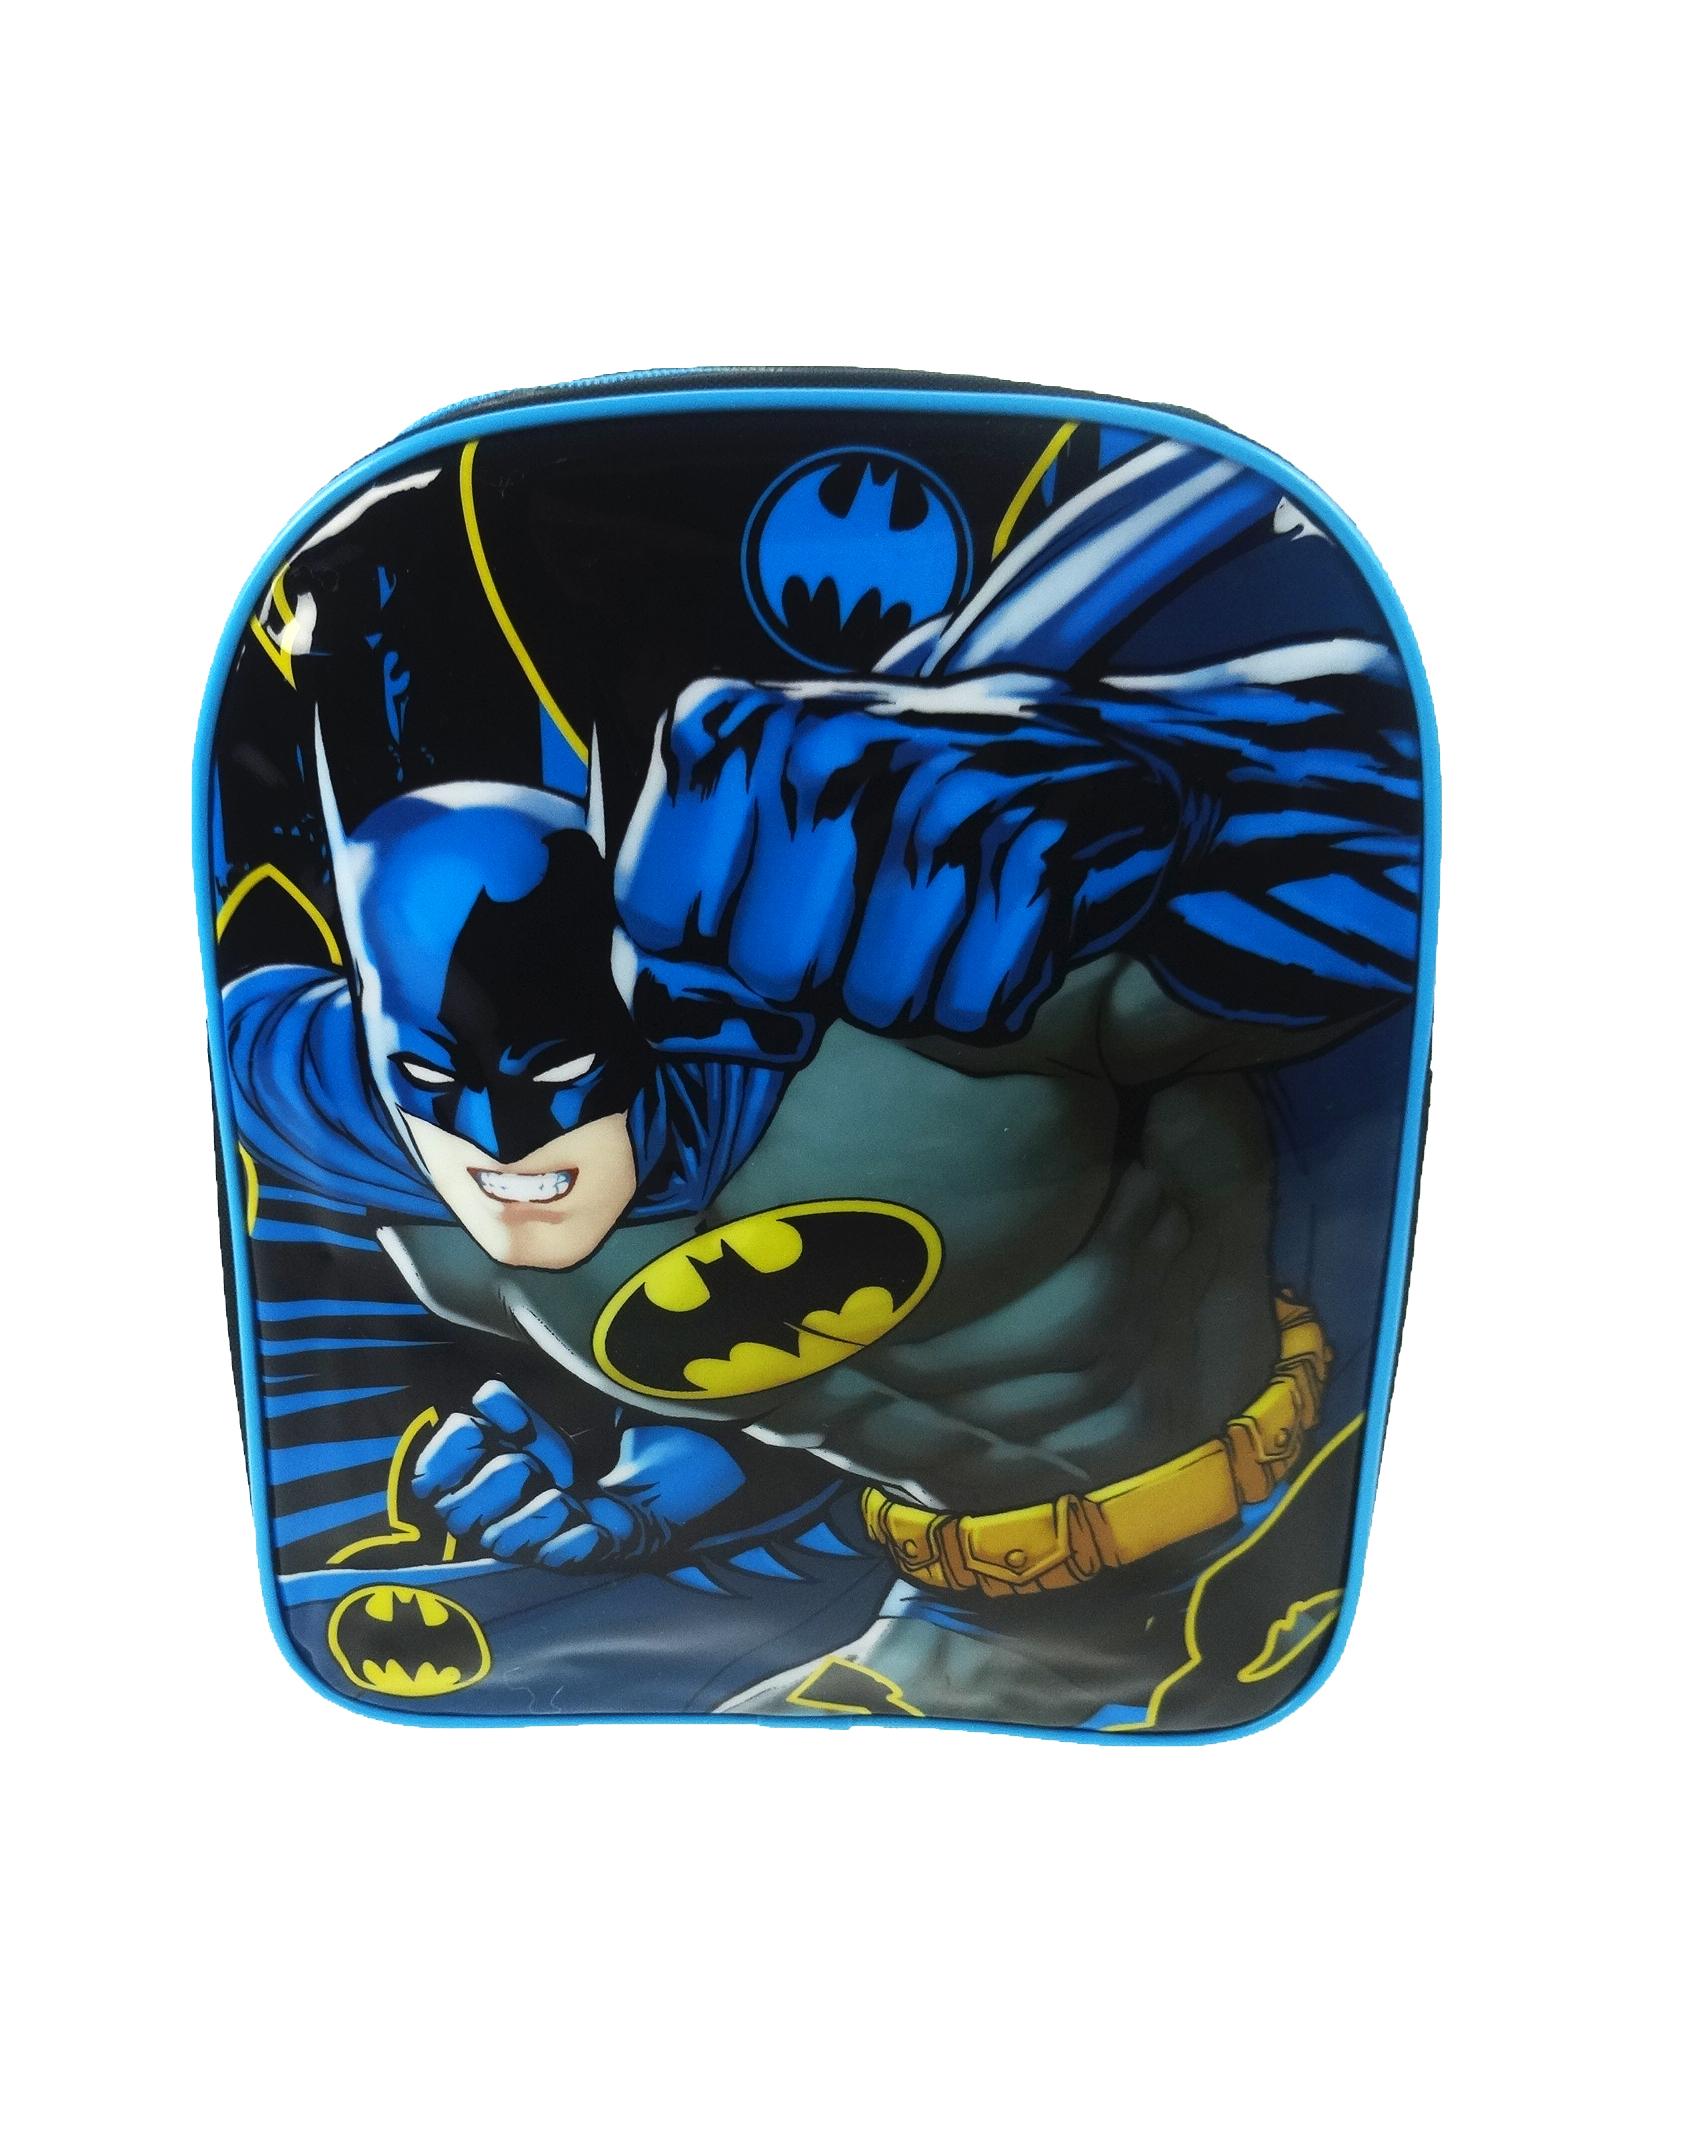 dc comics superheld batman rucksack schultasche rucksack kinder kinder ebay. Black Bedroom Furniture Sets. Home Design Ideas